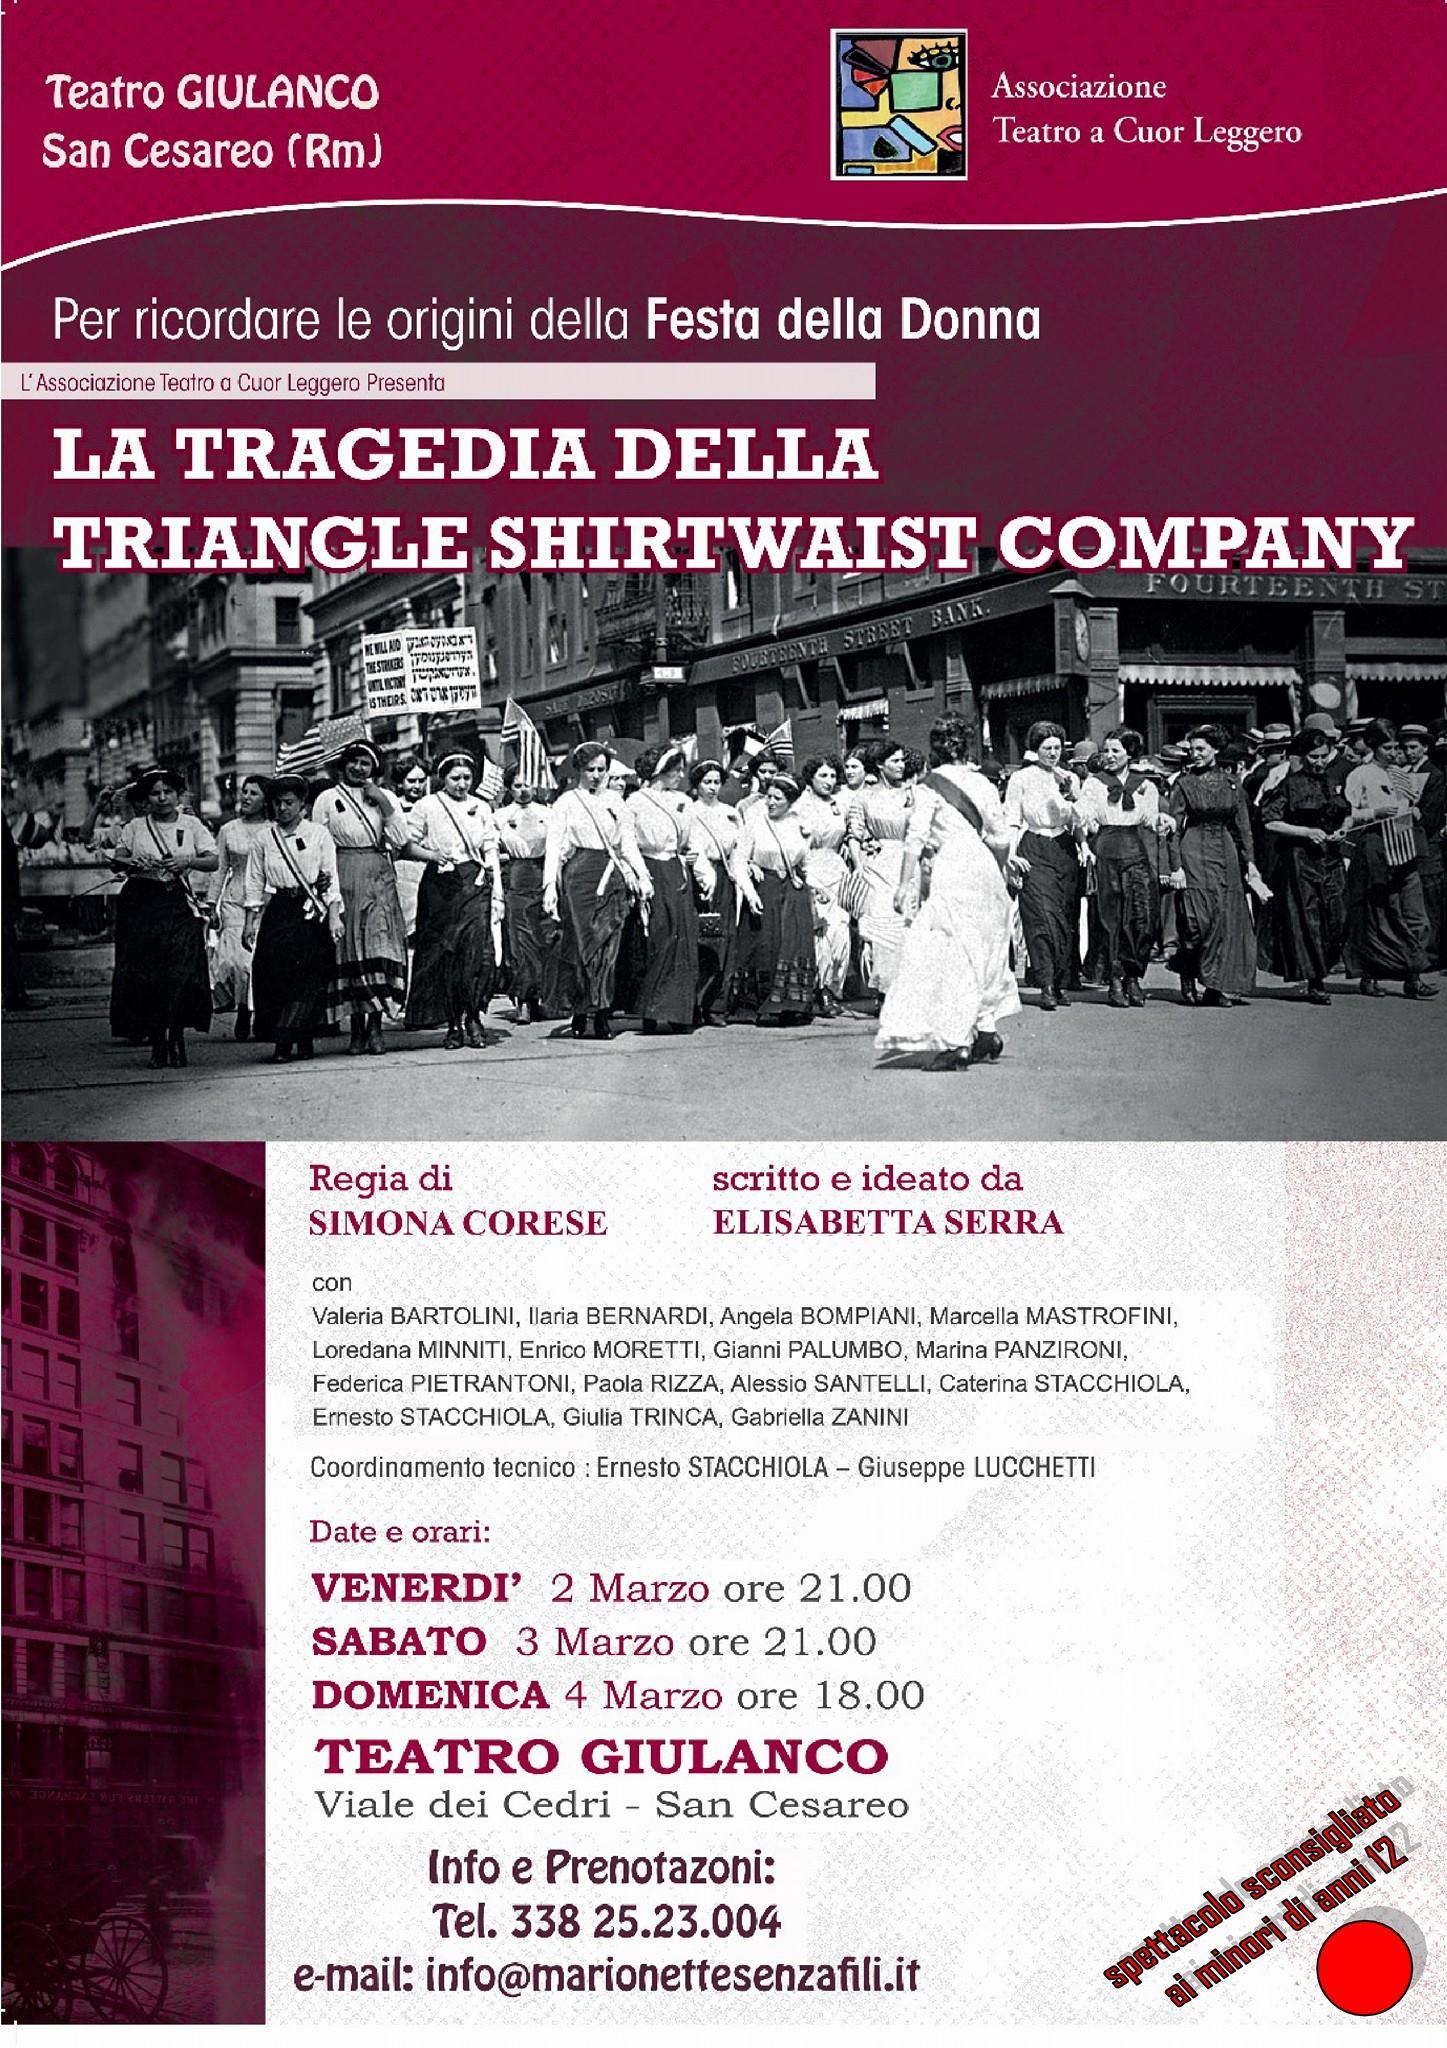 La tragedia della Triangle Shirtwaist Company